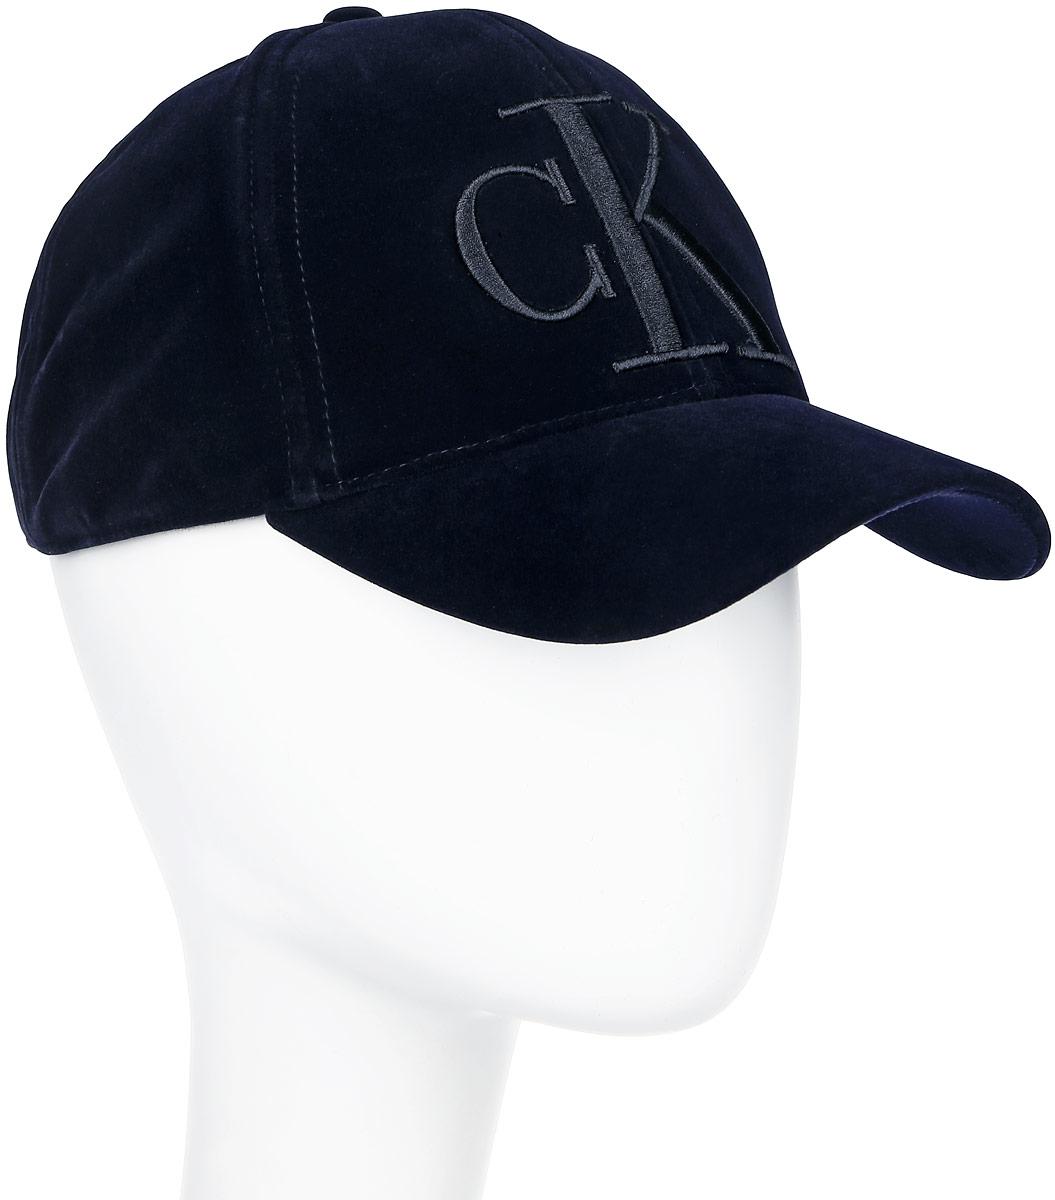 Бейсболка женская Calvin Klein Jeans, цвет: темно-синий. J20J200912. Размер универсальный500833_29Стильная женская бейсболка Calvin Klein, изготовленная из высококачественного полиэстера на подкладке из 100% хлопка, идеально подойдет для активного отдыха и обеспечит надежную защиту головы от солнца. Бейсболка оформлена оригинальным принтом в виде логотипа бренда и дополнена металлической пластиной с названием бренда.Объем изделия регулируется благодаря застежке.